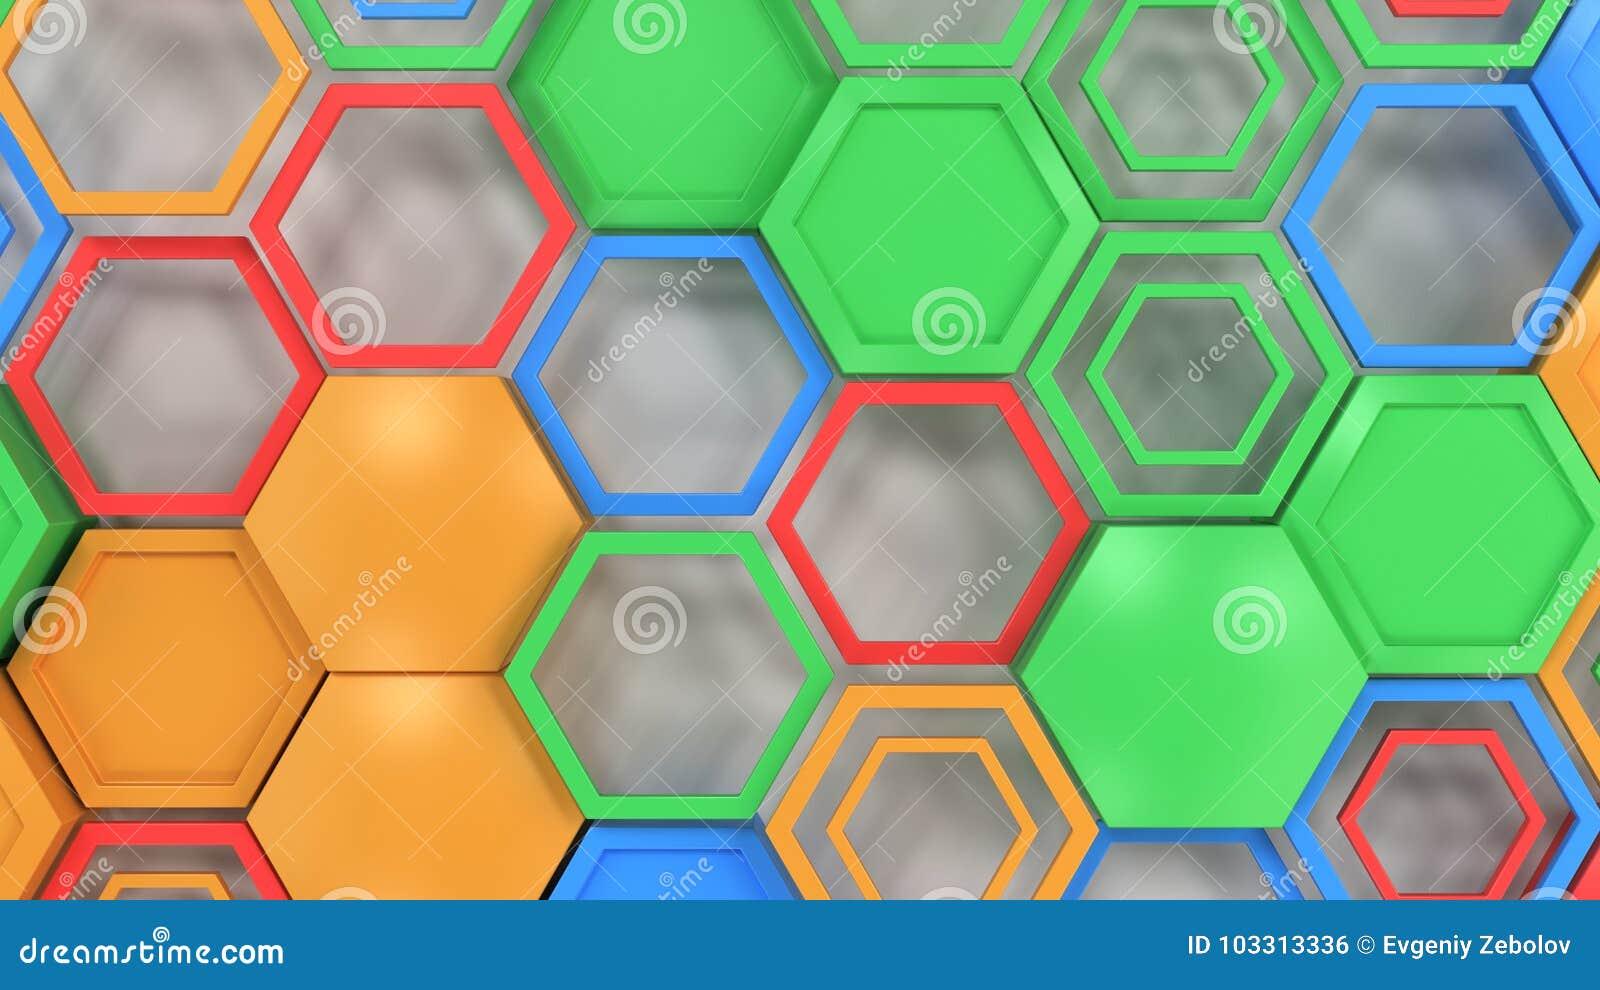 Abstracte die 3d achtergrond van blauw, rood, groen en sinaasappel wordt gemaakt hexag